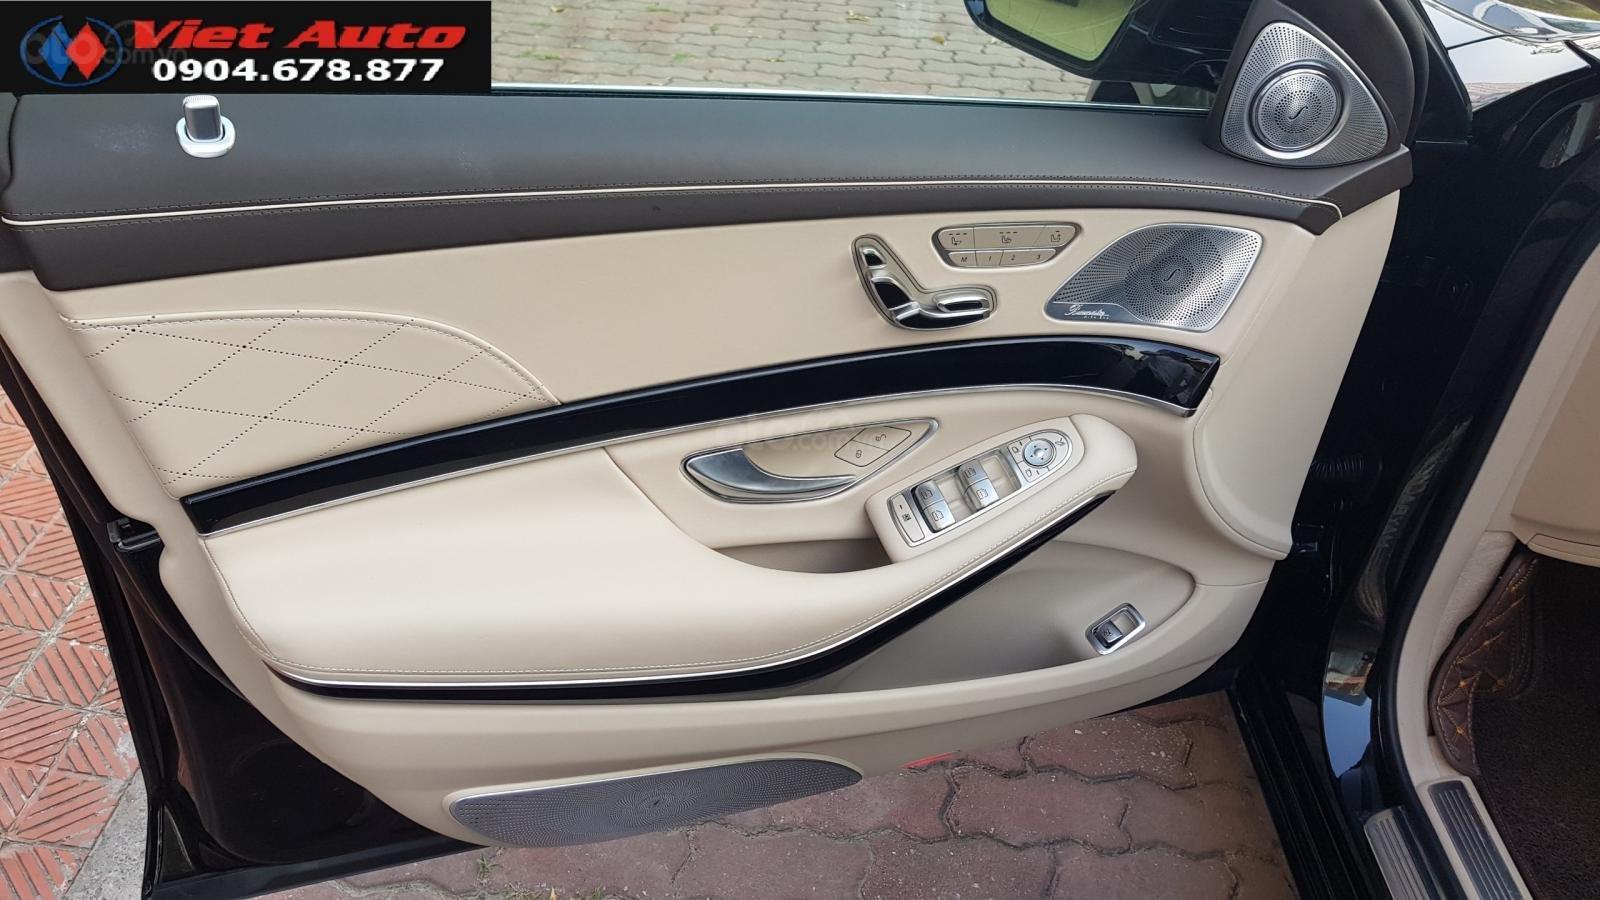 Bán Mercedes-Benz S450 Maybach màu đen, nội thất kem, xe sản xuất 2017, đăng ký lần đầu 4/2018 tên công ty-3